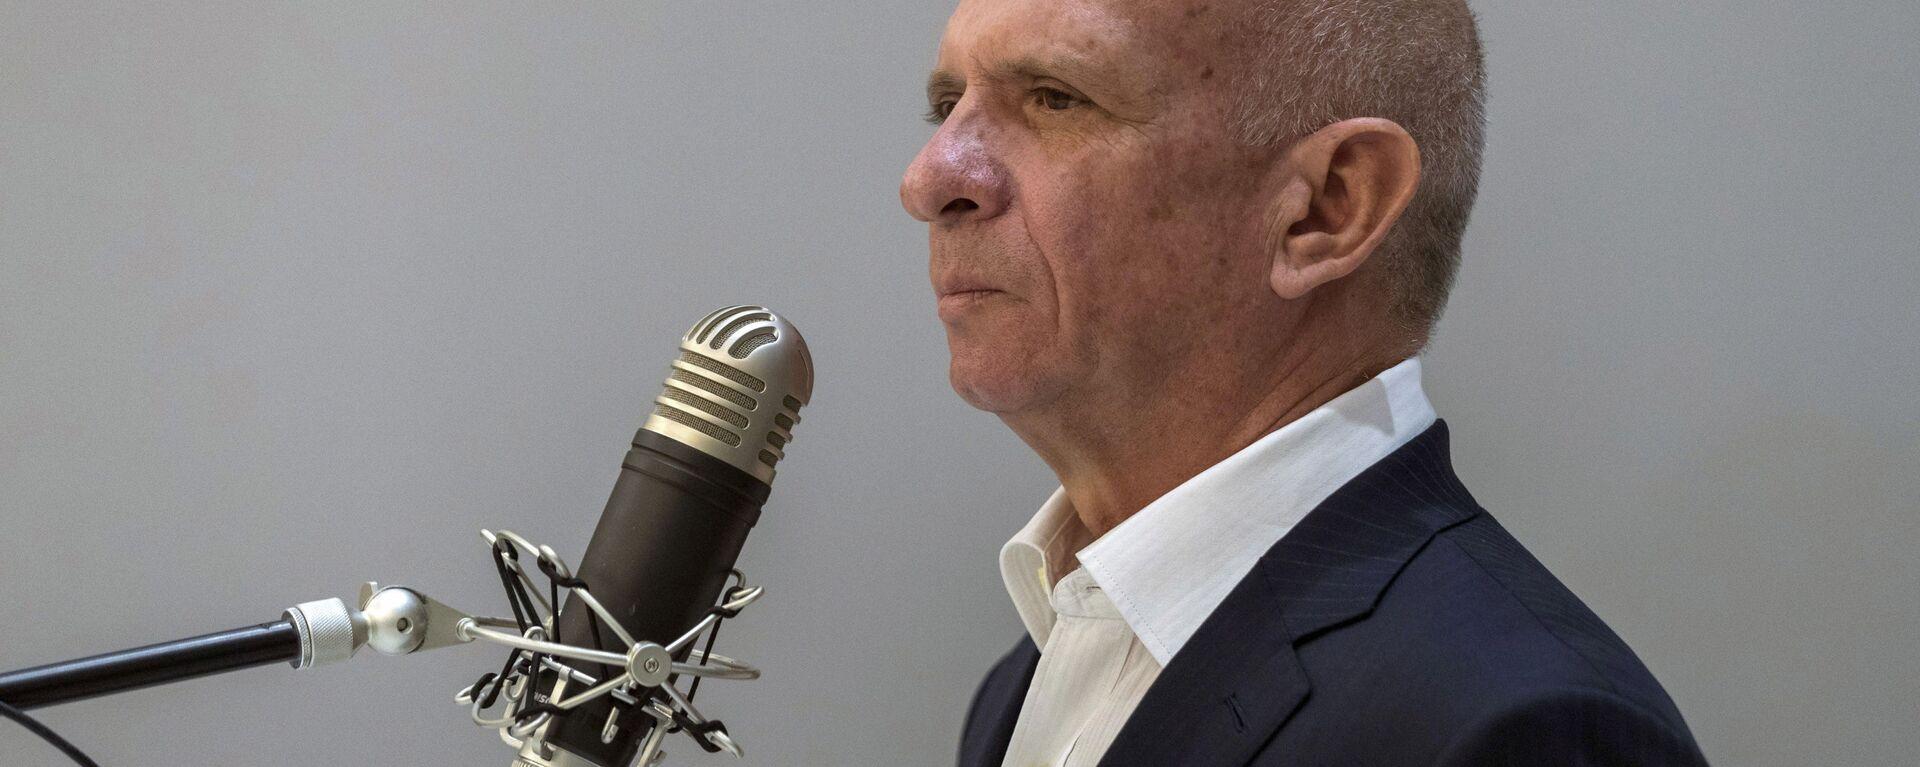 Hugo Carvajal, exgeneral venezolano - Sputnik Mundo, 1920, 09.09.2021